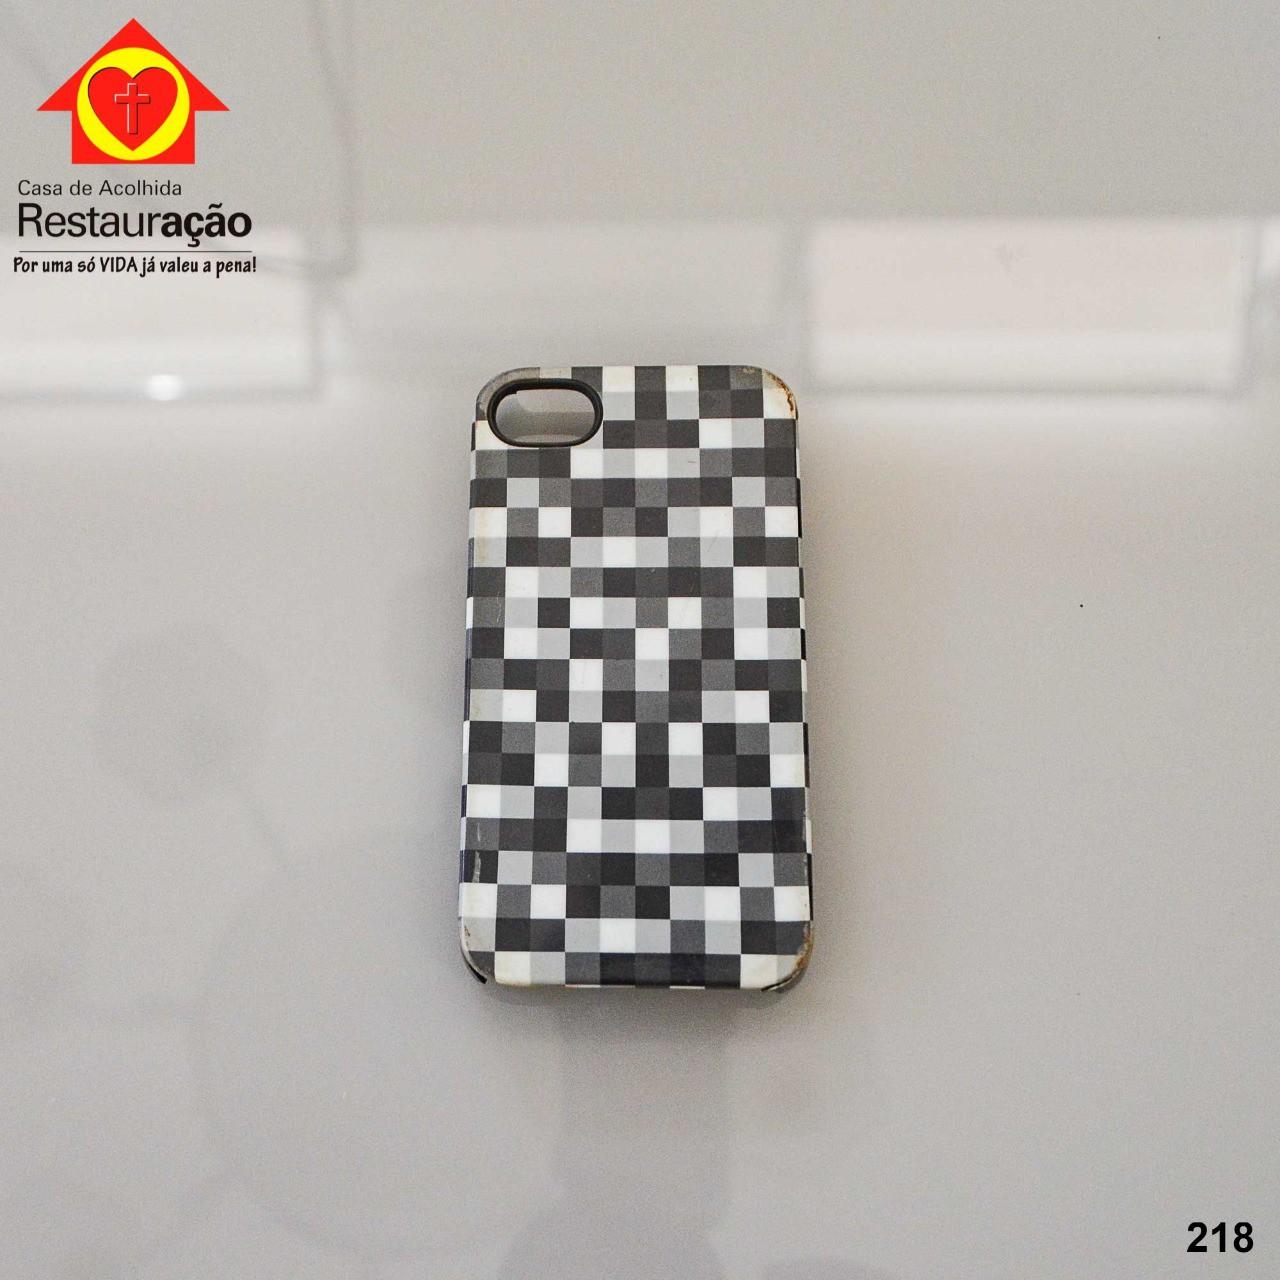 CAPA DE CELULAR IPHONE 4S